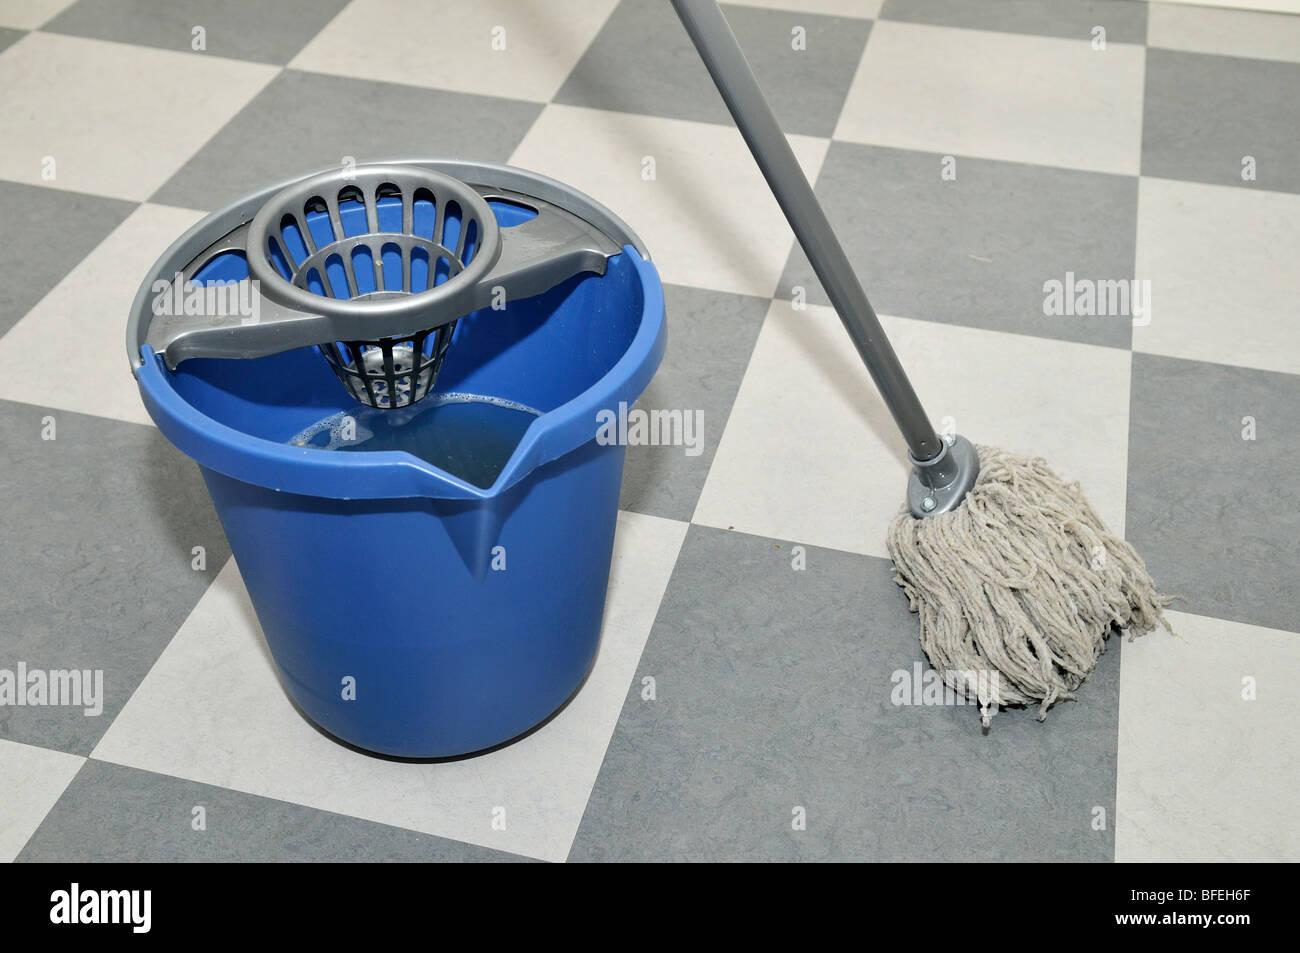 Fußboden Wischen ~ Jemand einen fußboden wischen stockfoto bild  alamy